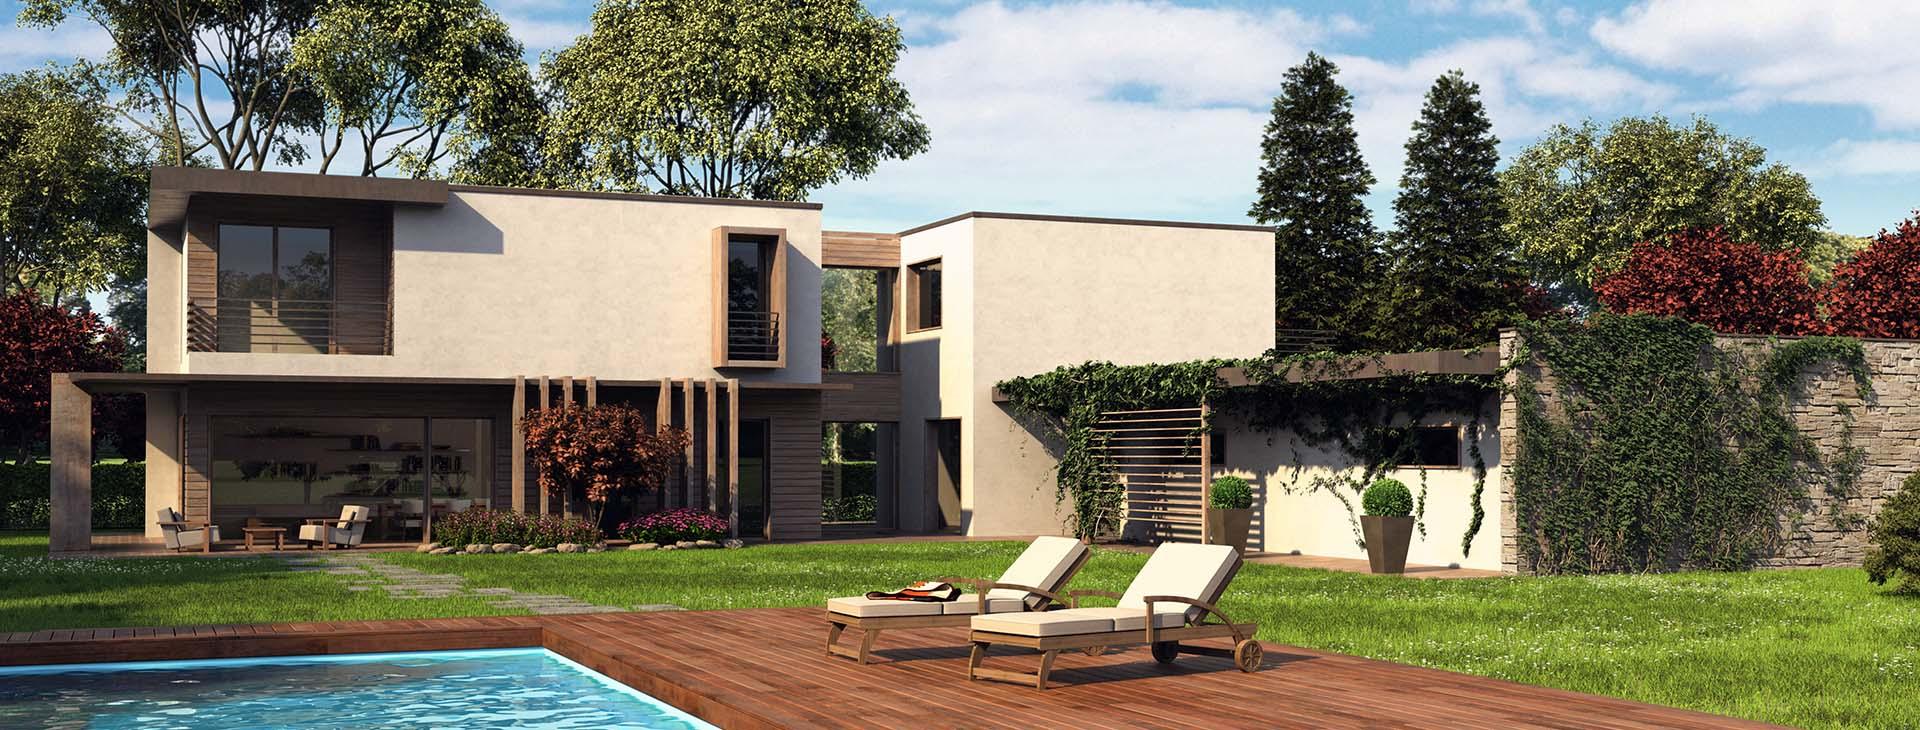 Casa moderna con portico foto di casa moderna con esterna for Portico moderno